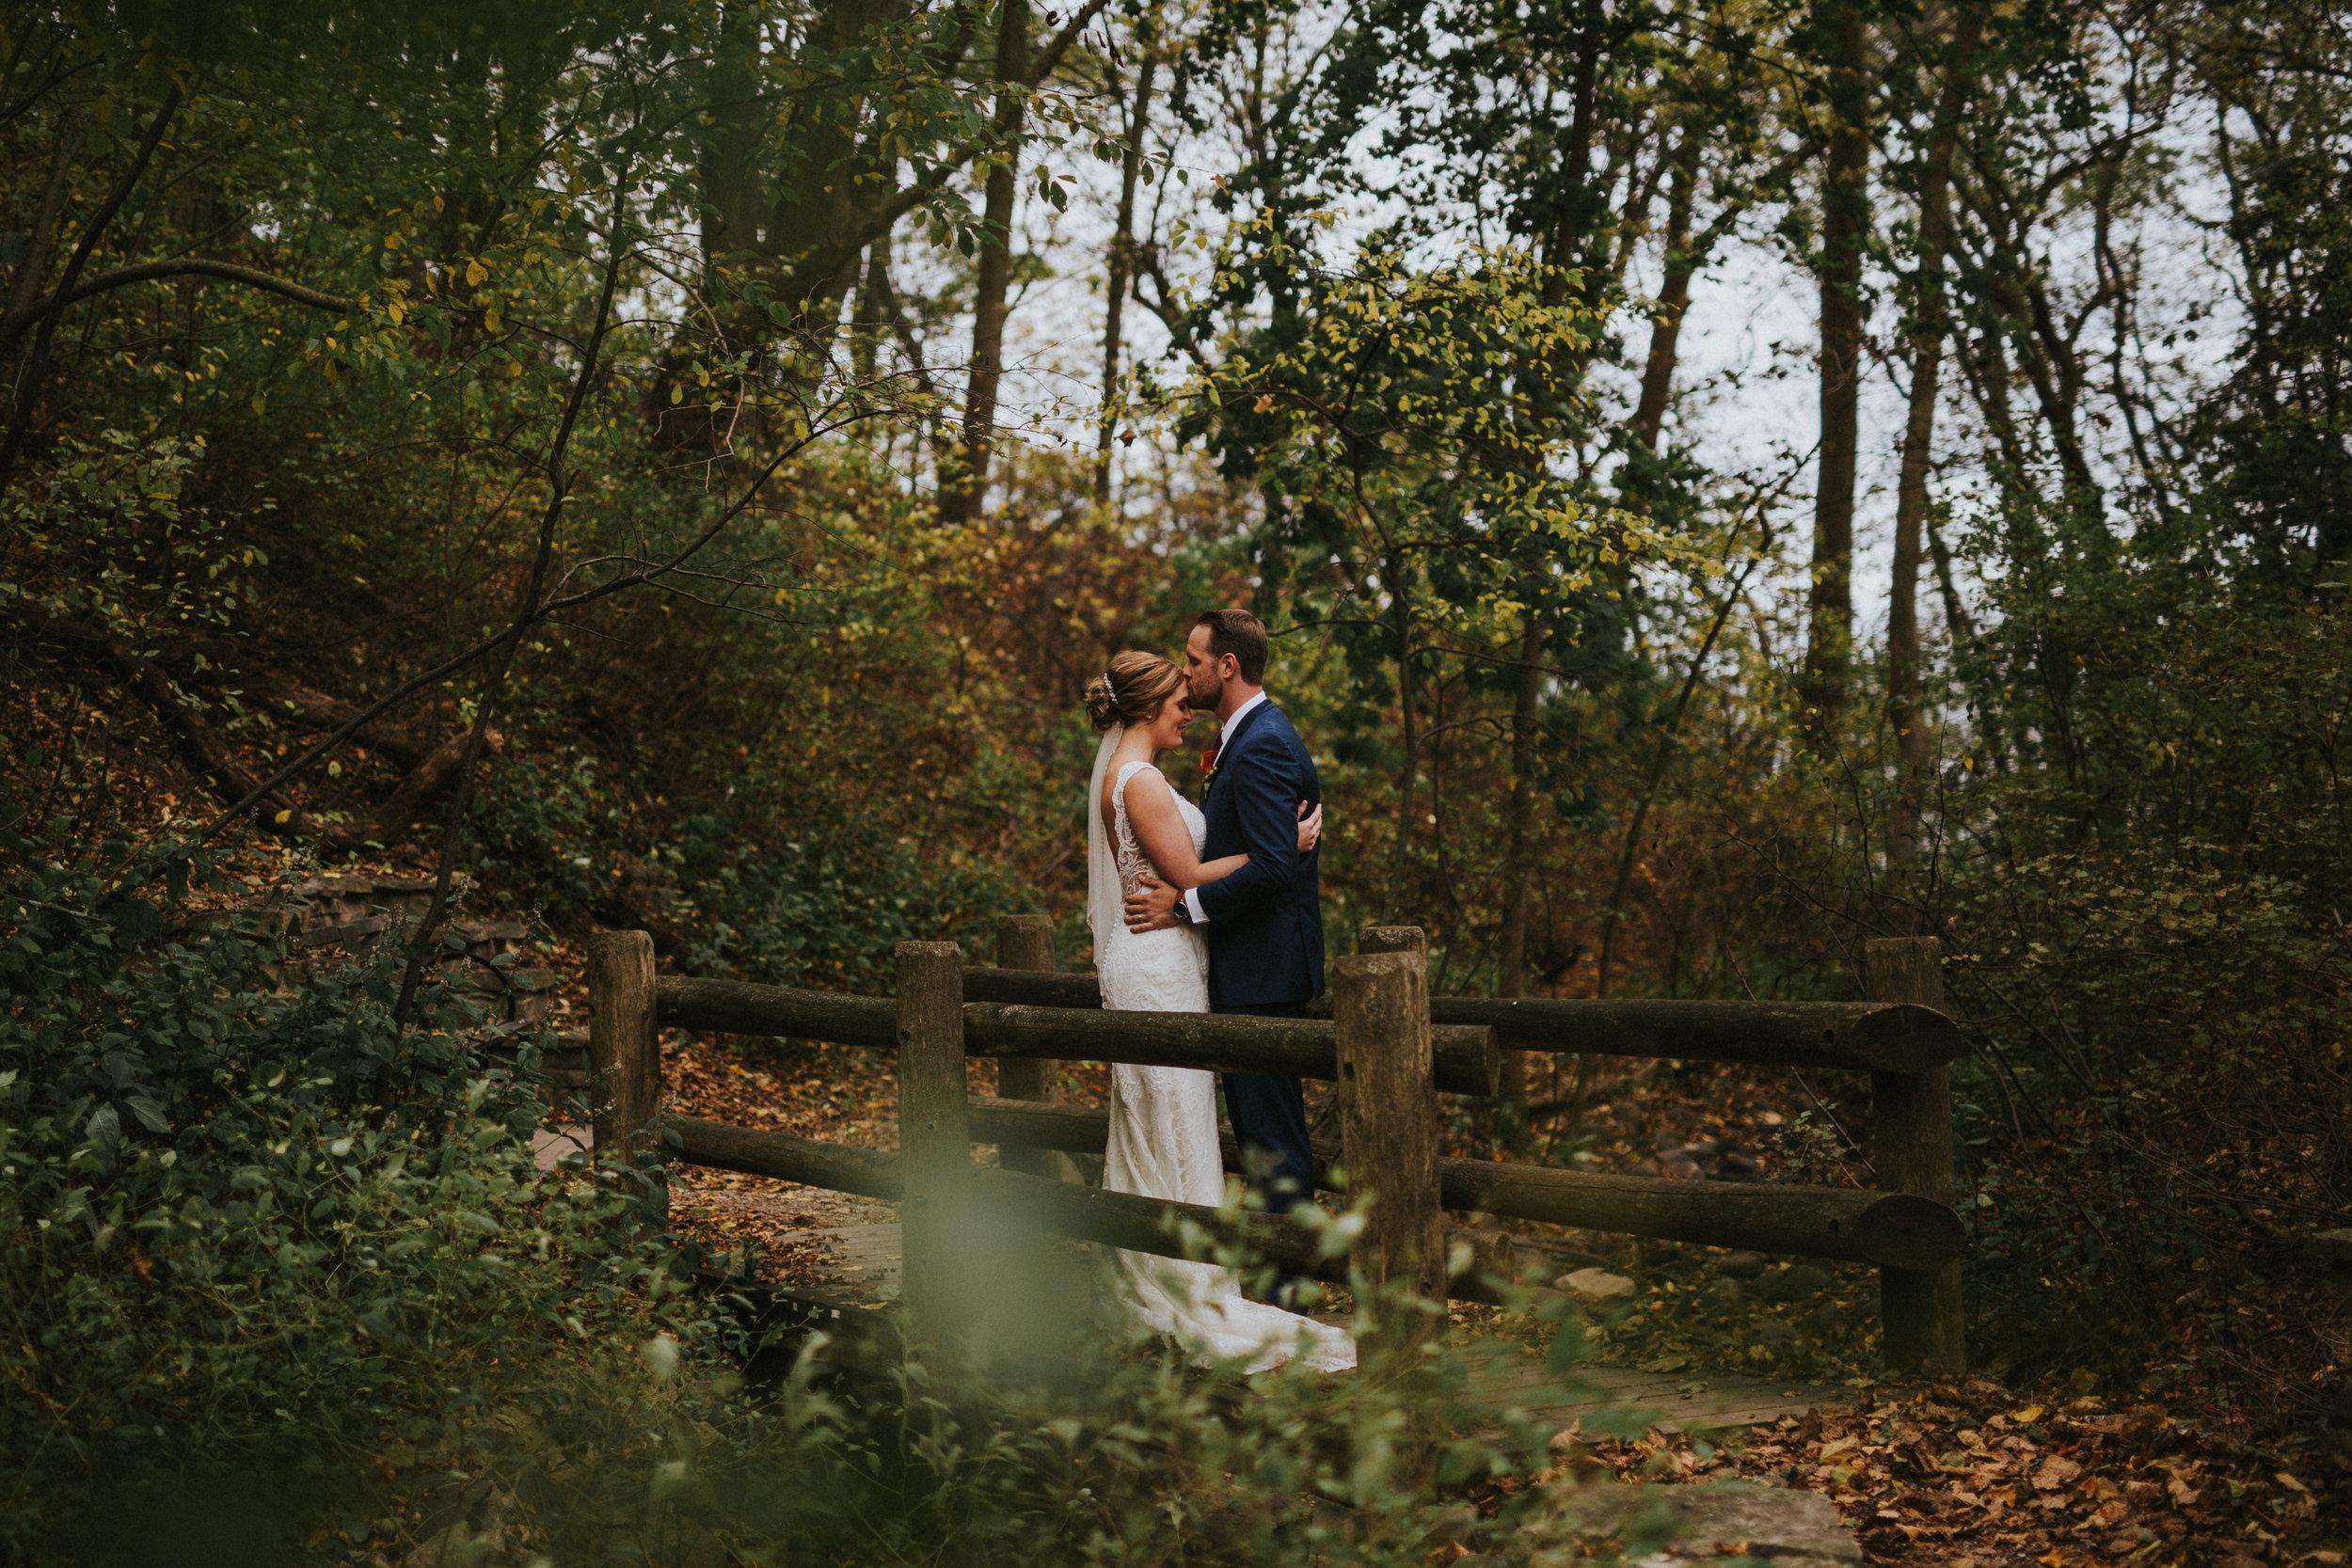 Vince-Caitlin_Wedding-Day-302.jpg